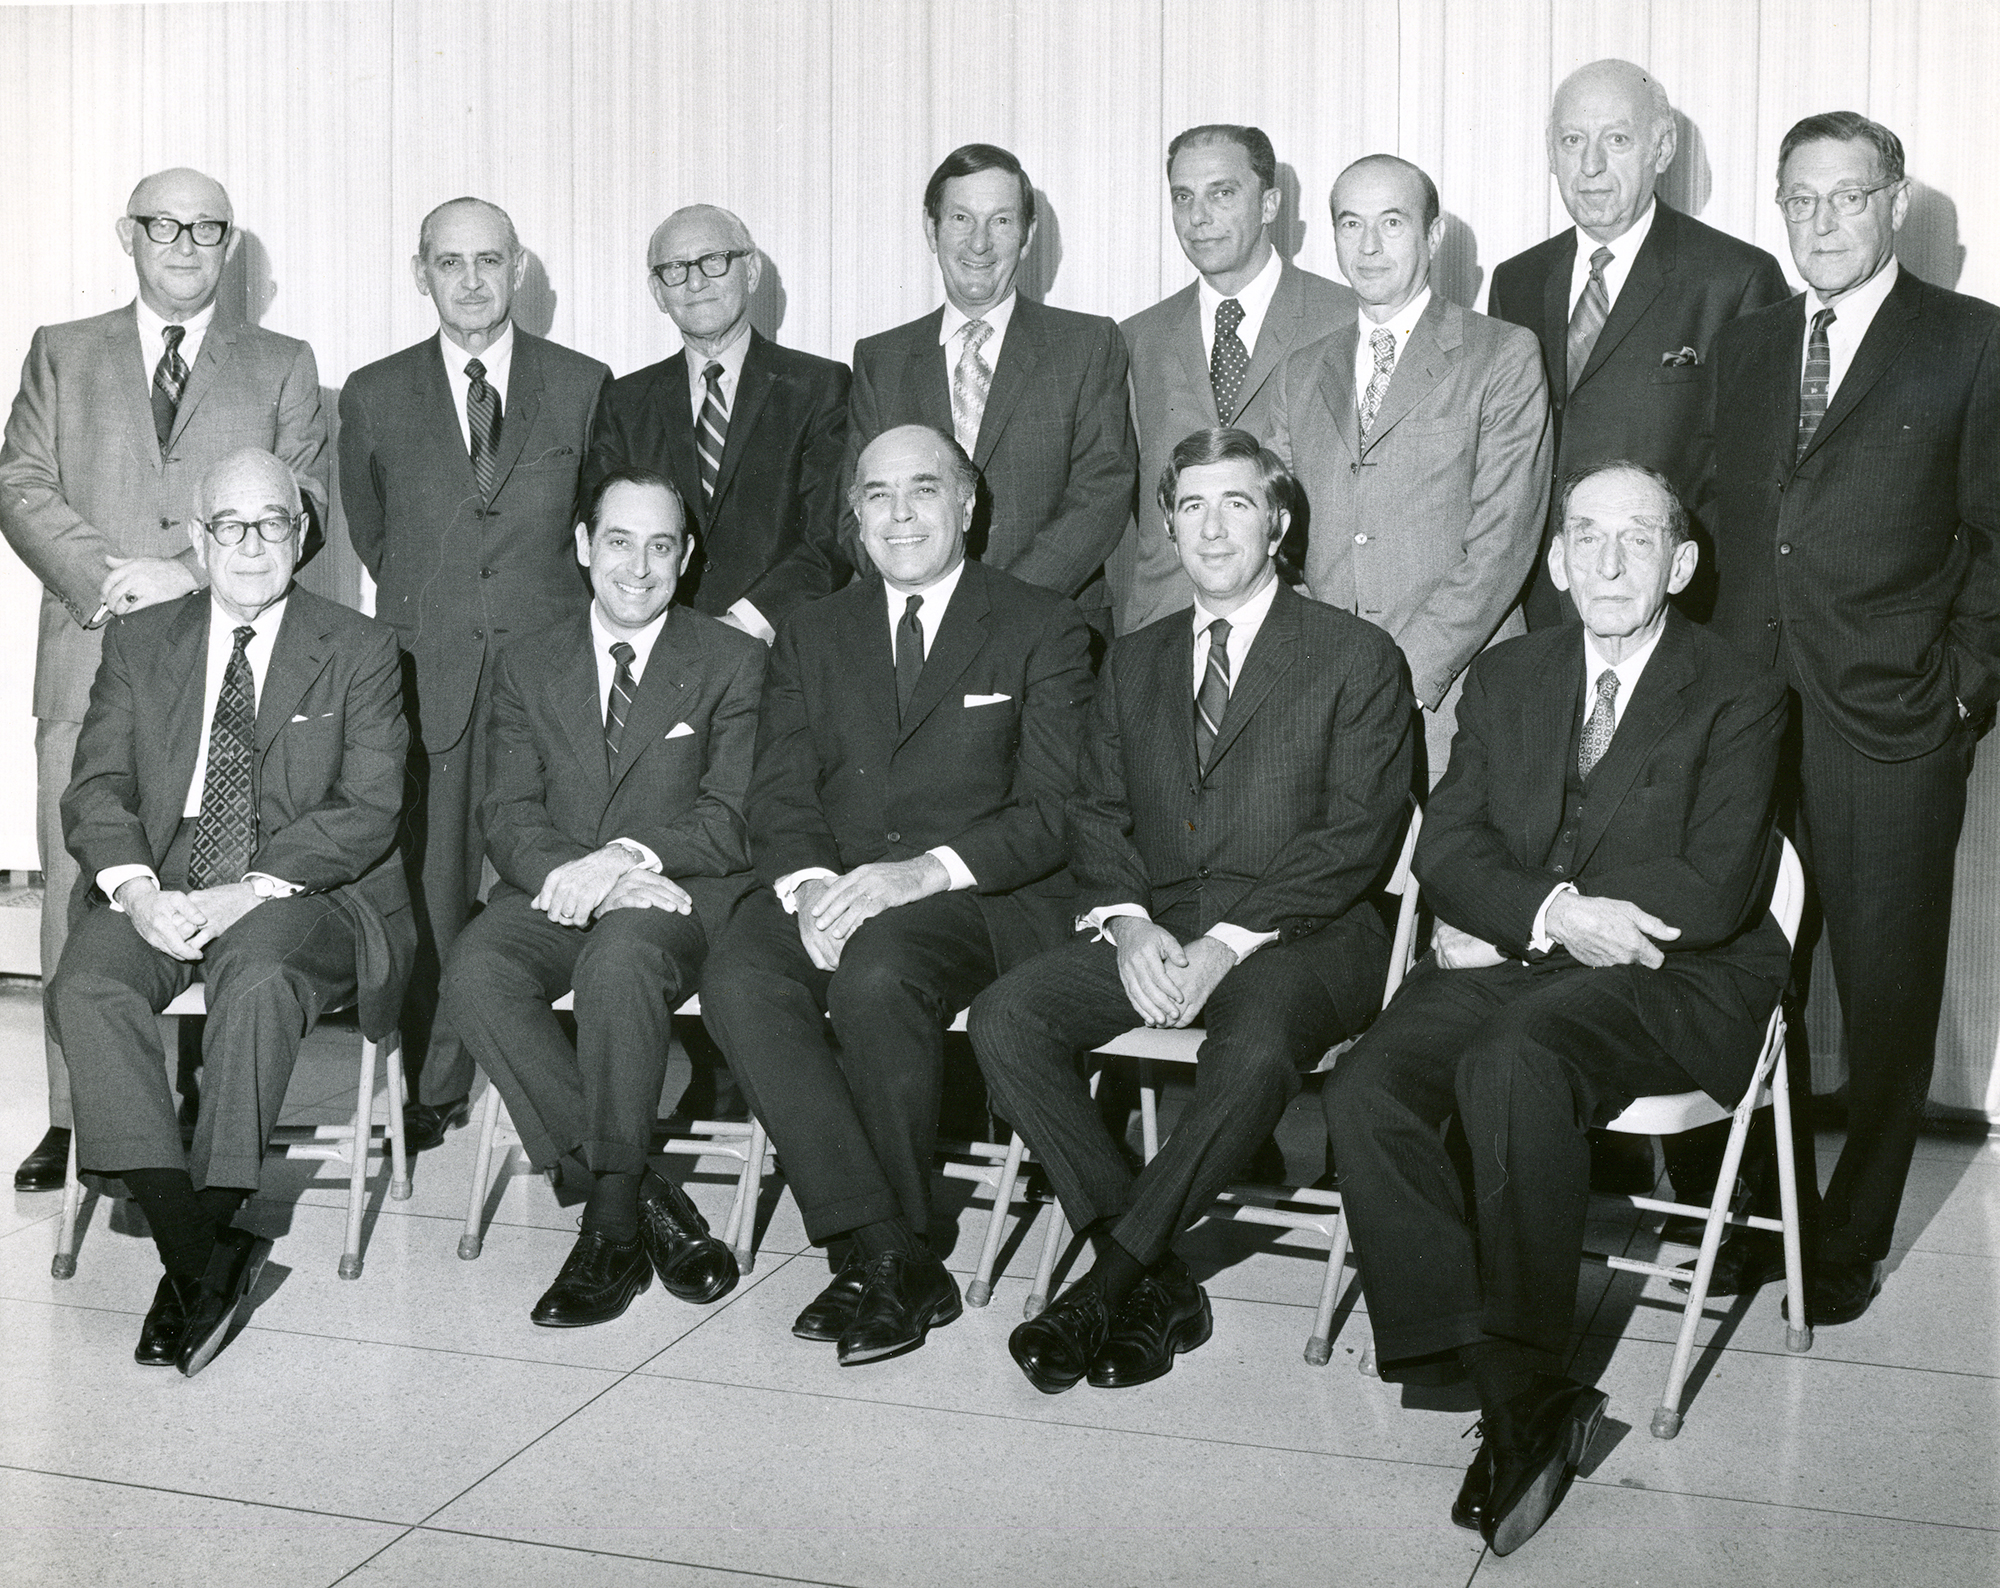 1969 image